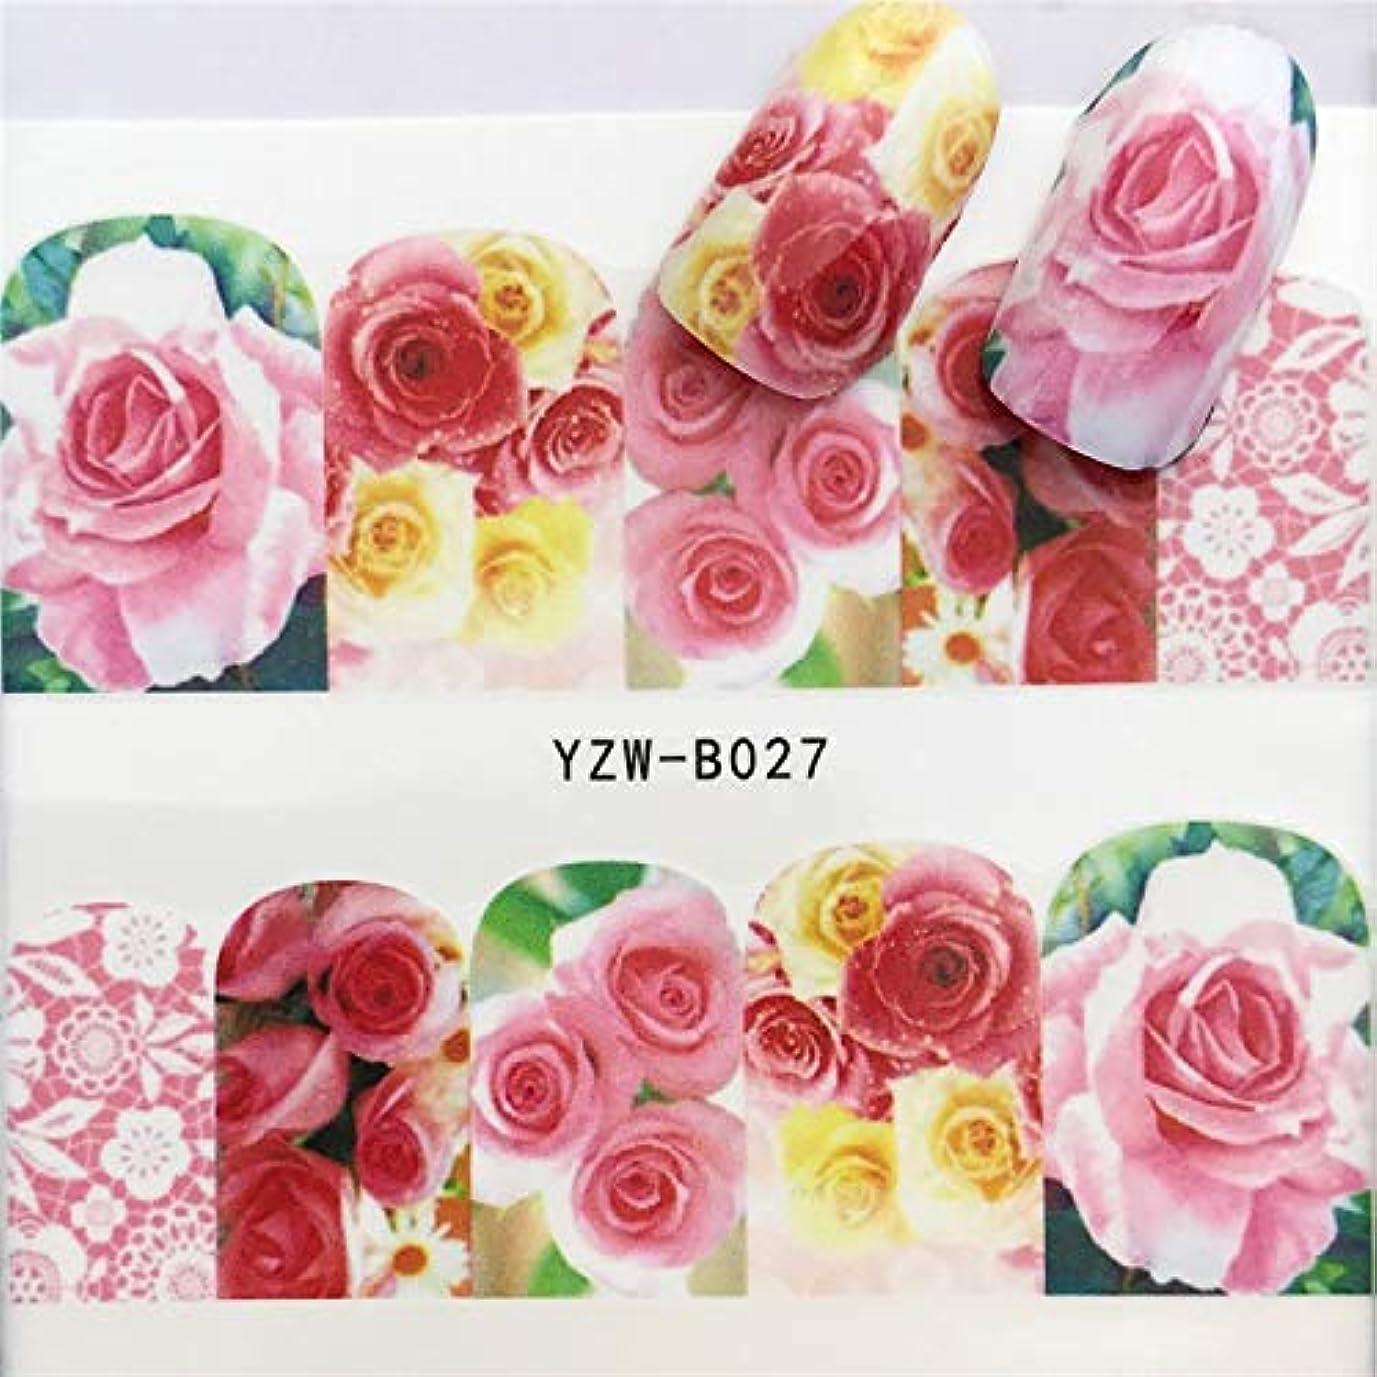 重要な公使館治安判事手足ビューティーケア 3個ネイルステッカーセットデカール水転写スライダーネイルアートデコレーション、色:YZWB027